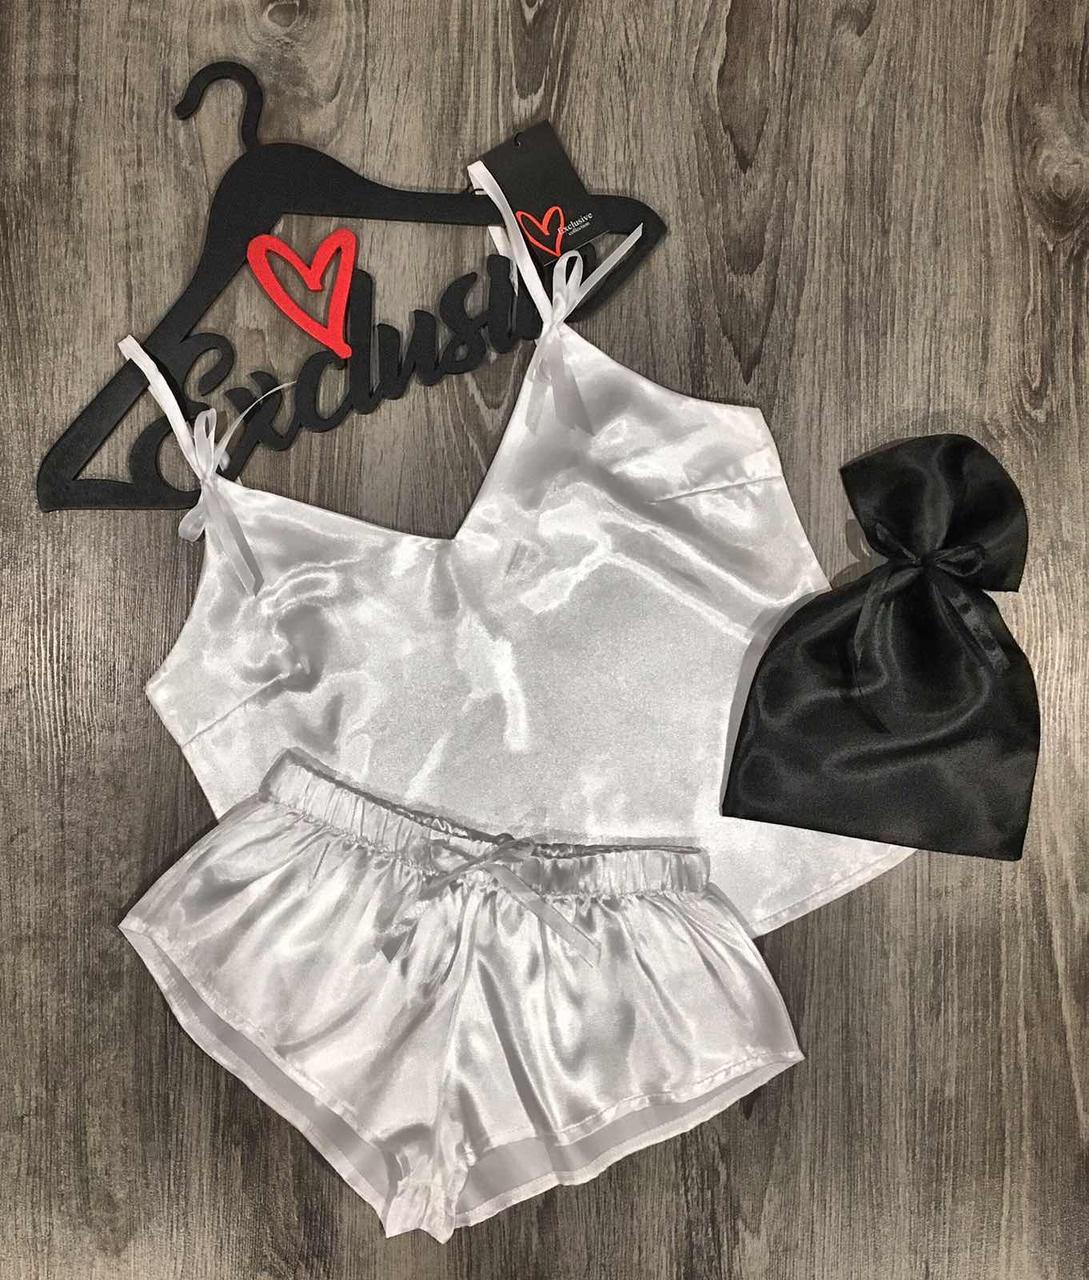 Пижама атласная майка+шорты+мешочек для упаковки.